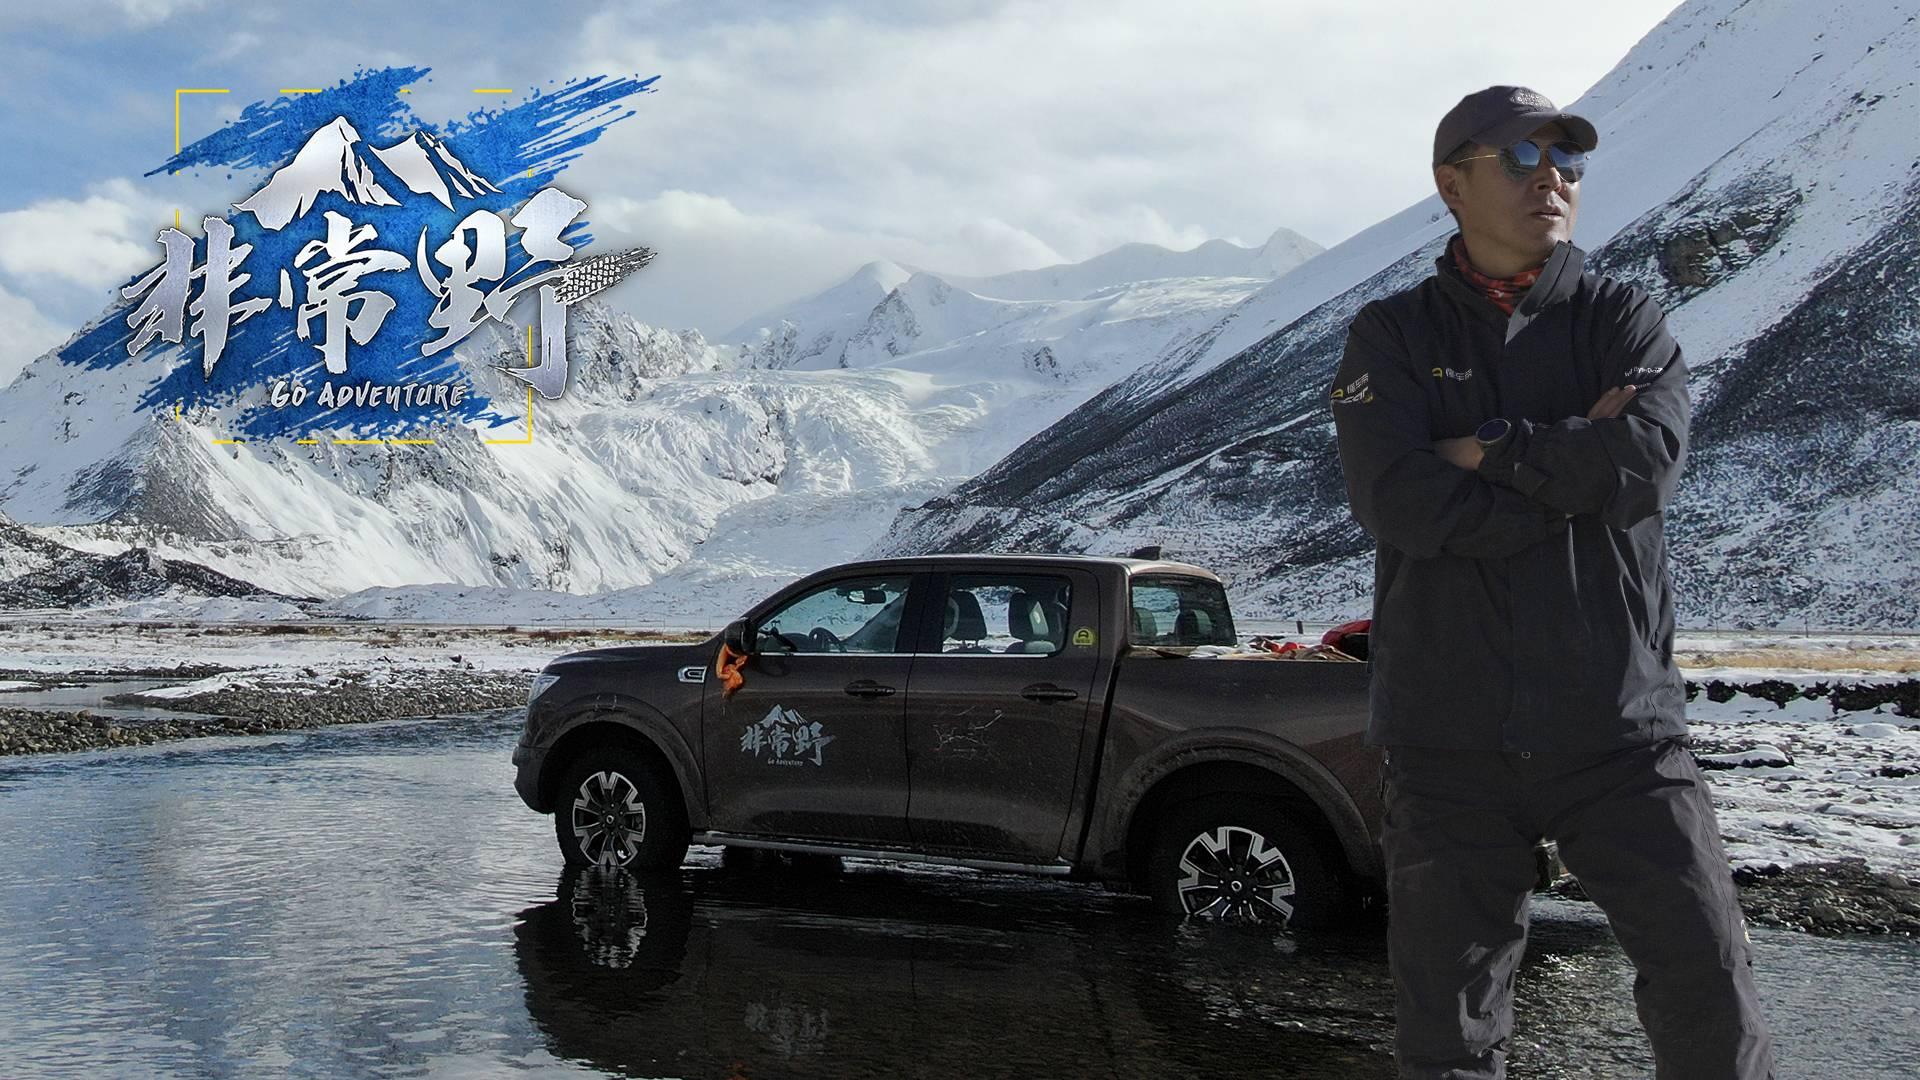 《非常野》秘藏之旅第1集:沼泽陷车遇暴雪,长城炮首进藏磨难多